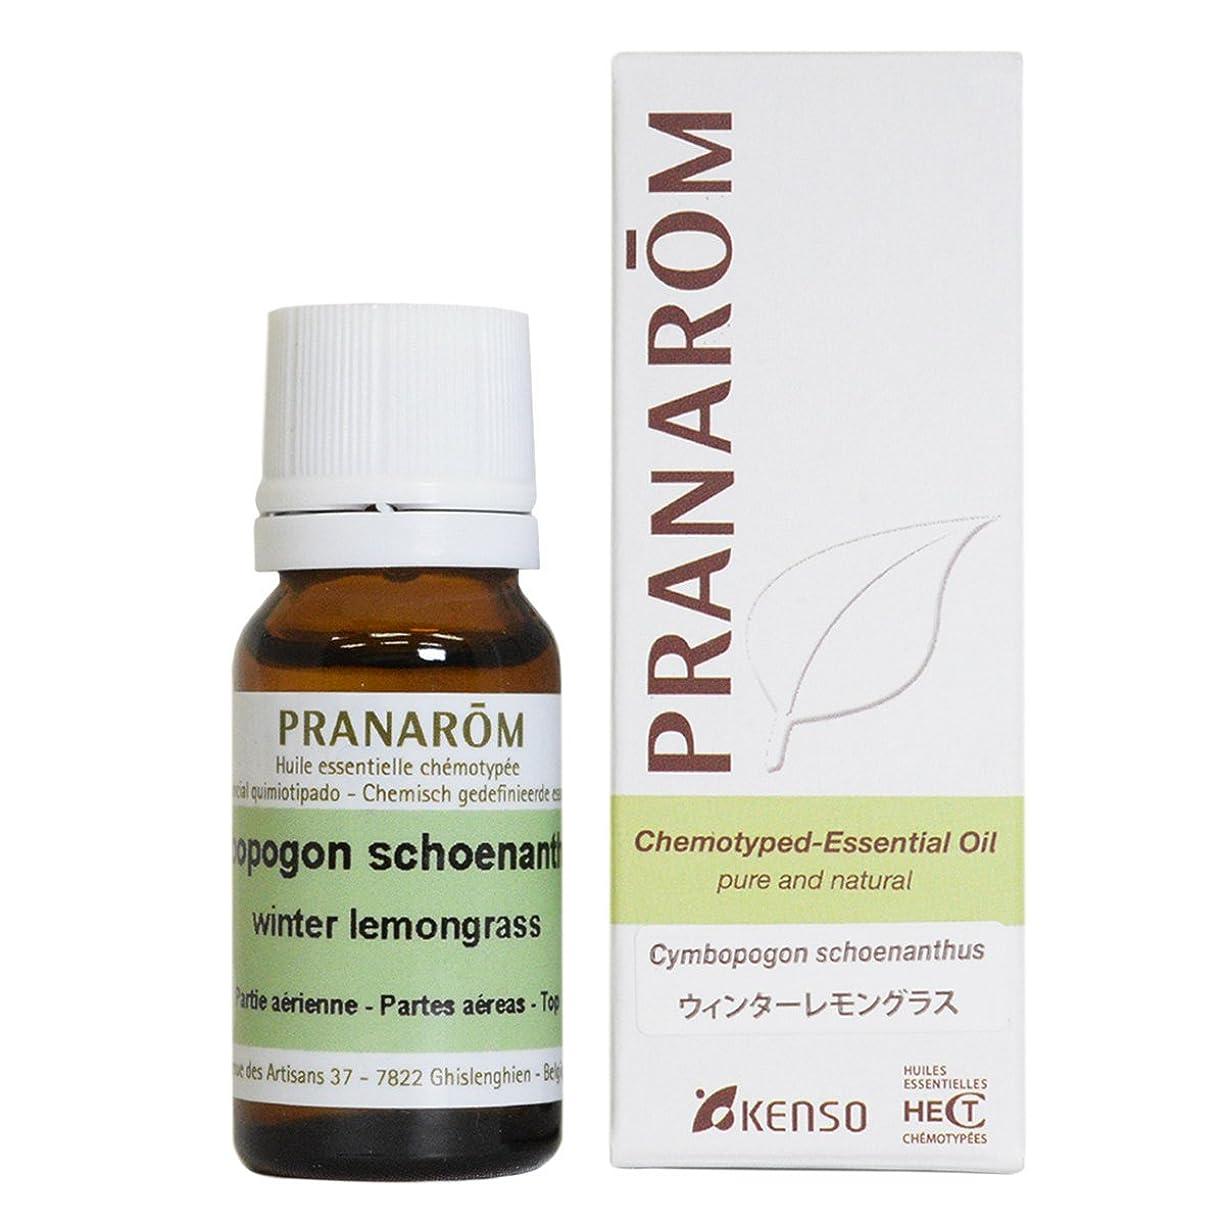 分配します吹きさらし証言プラナロム ウィンターレモングラス 10ml (PRANAROM ケモタイプ精油)